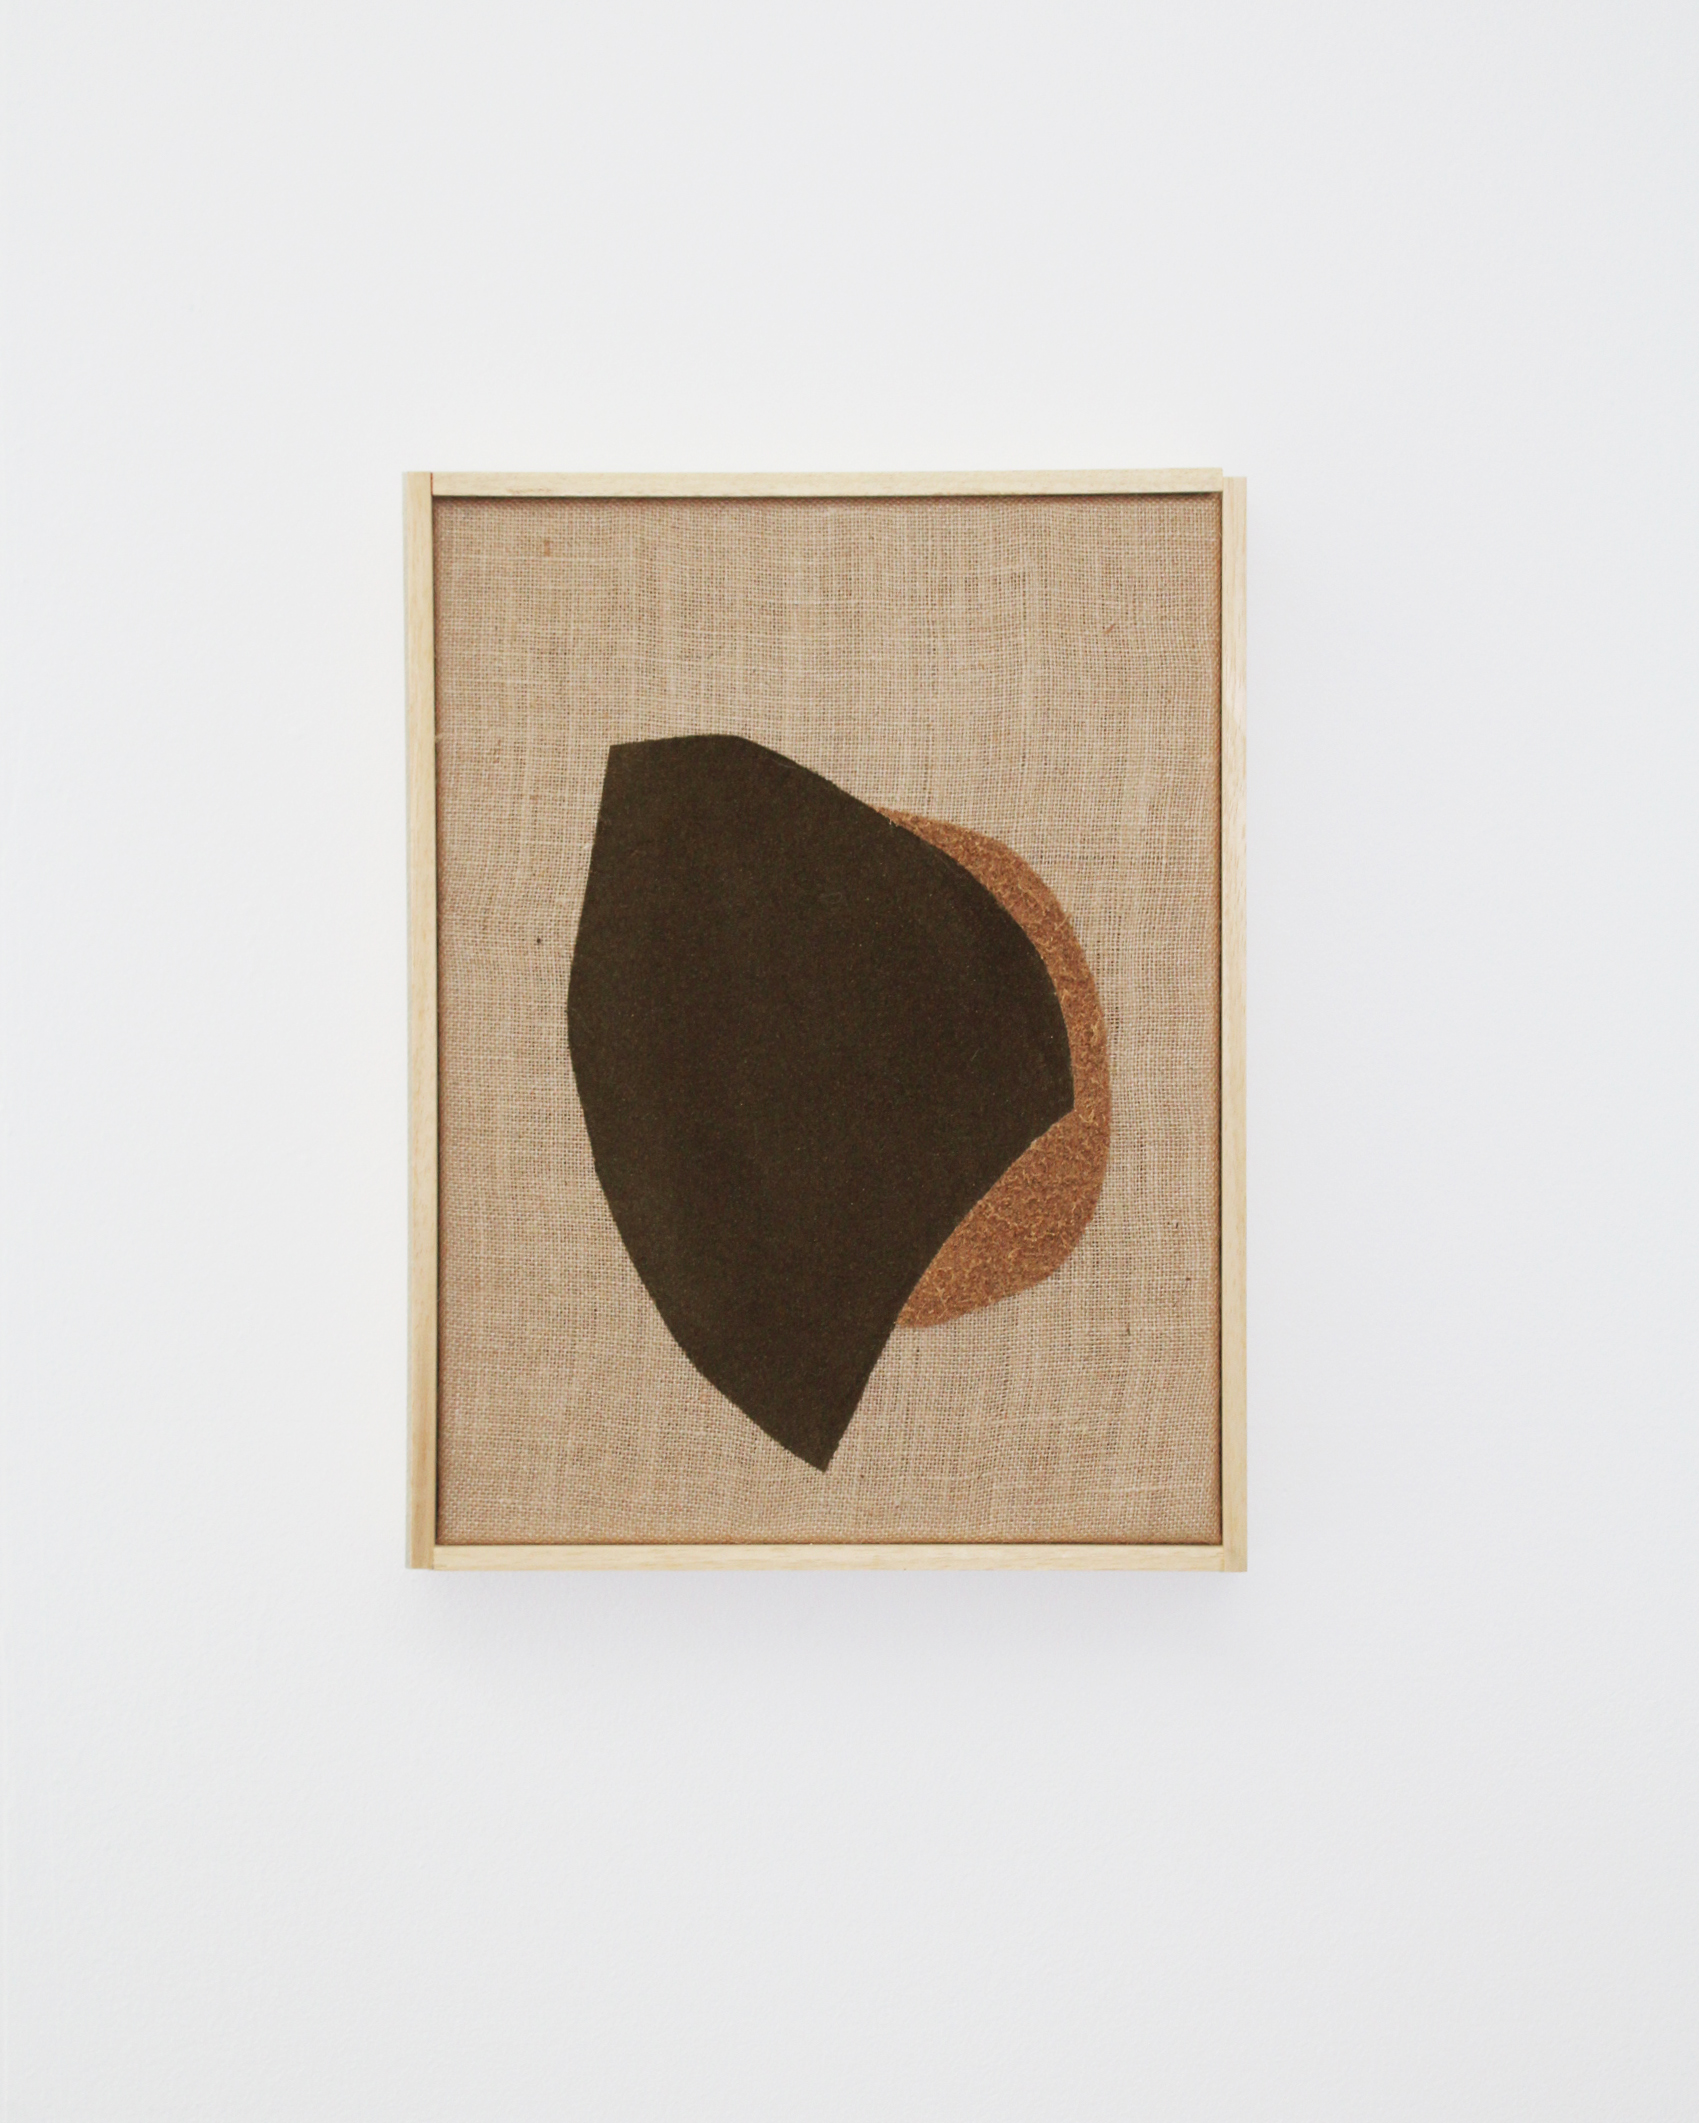 Sphere (I), 2017